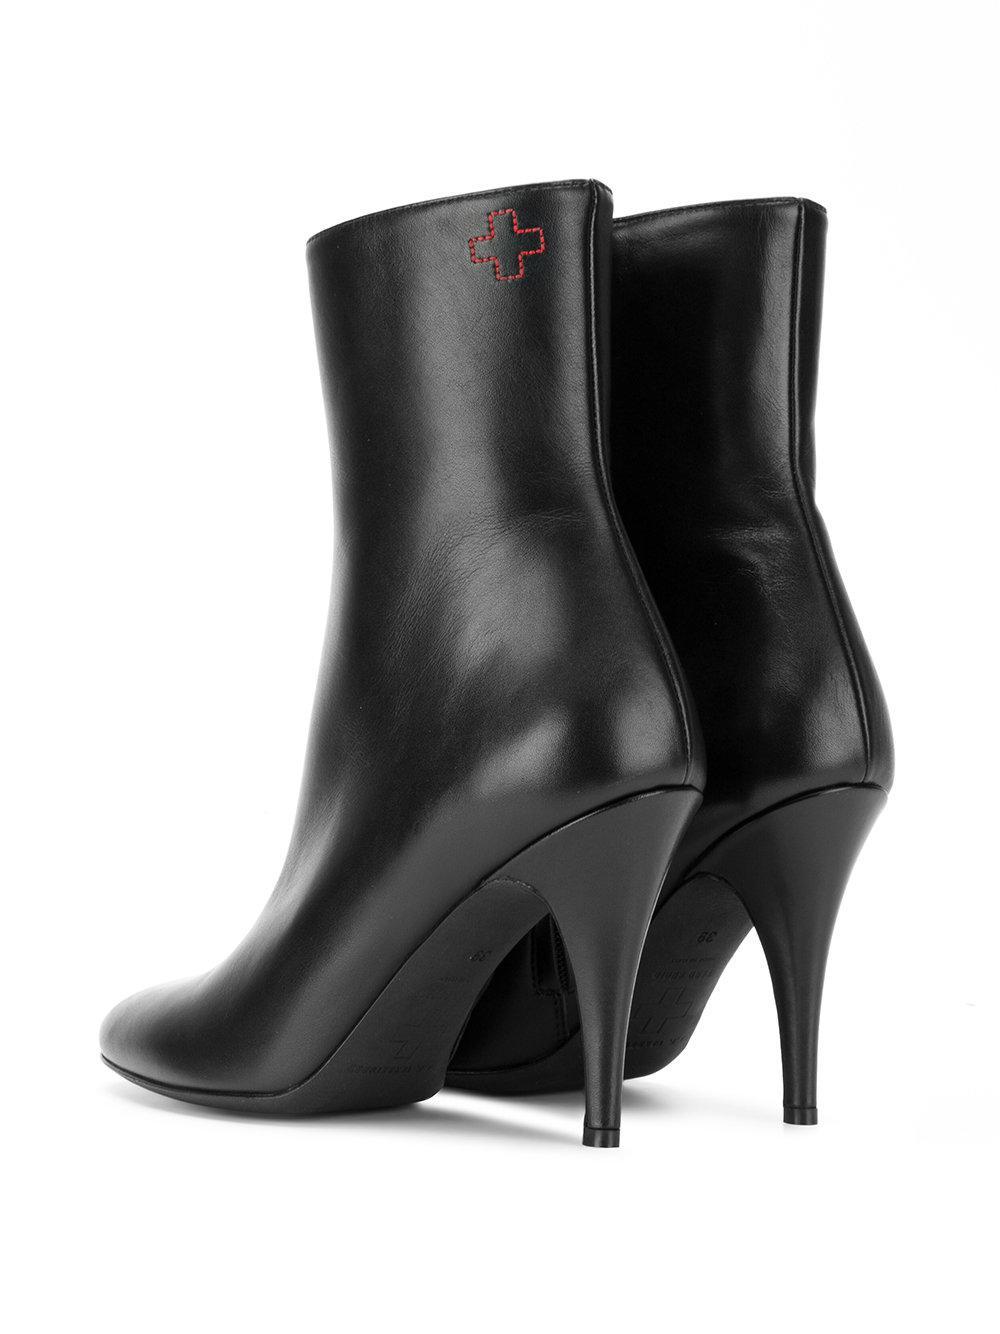 Botines con tacón stiletto alto A.F.Vandevorst de Cuero de color Negro